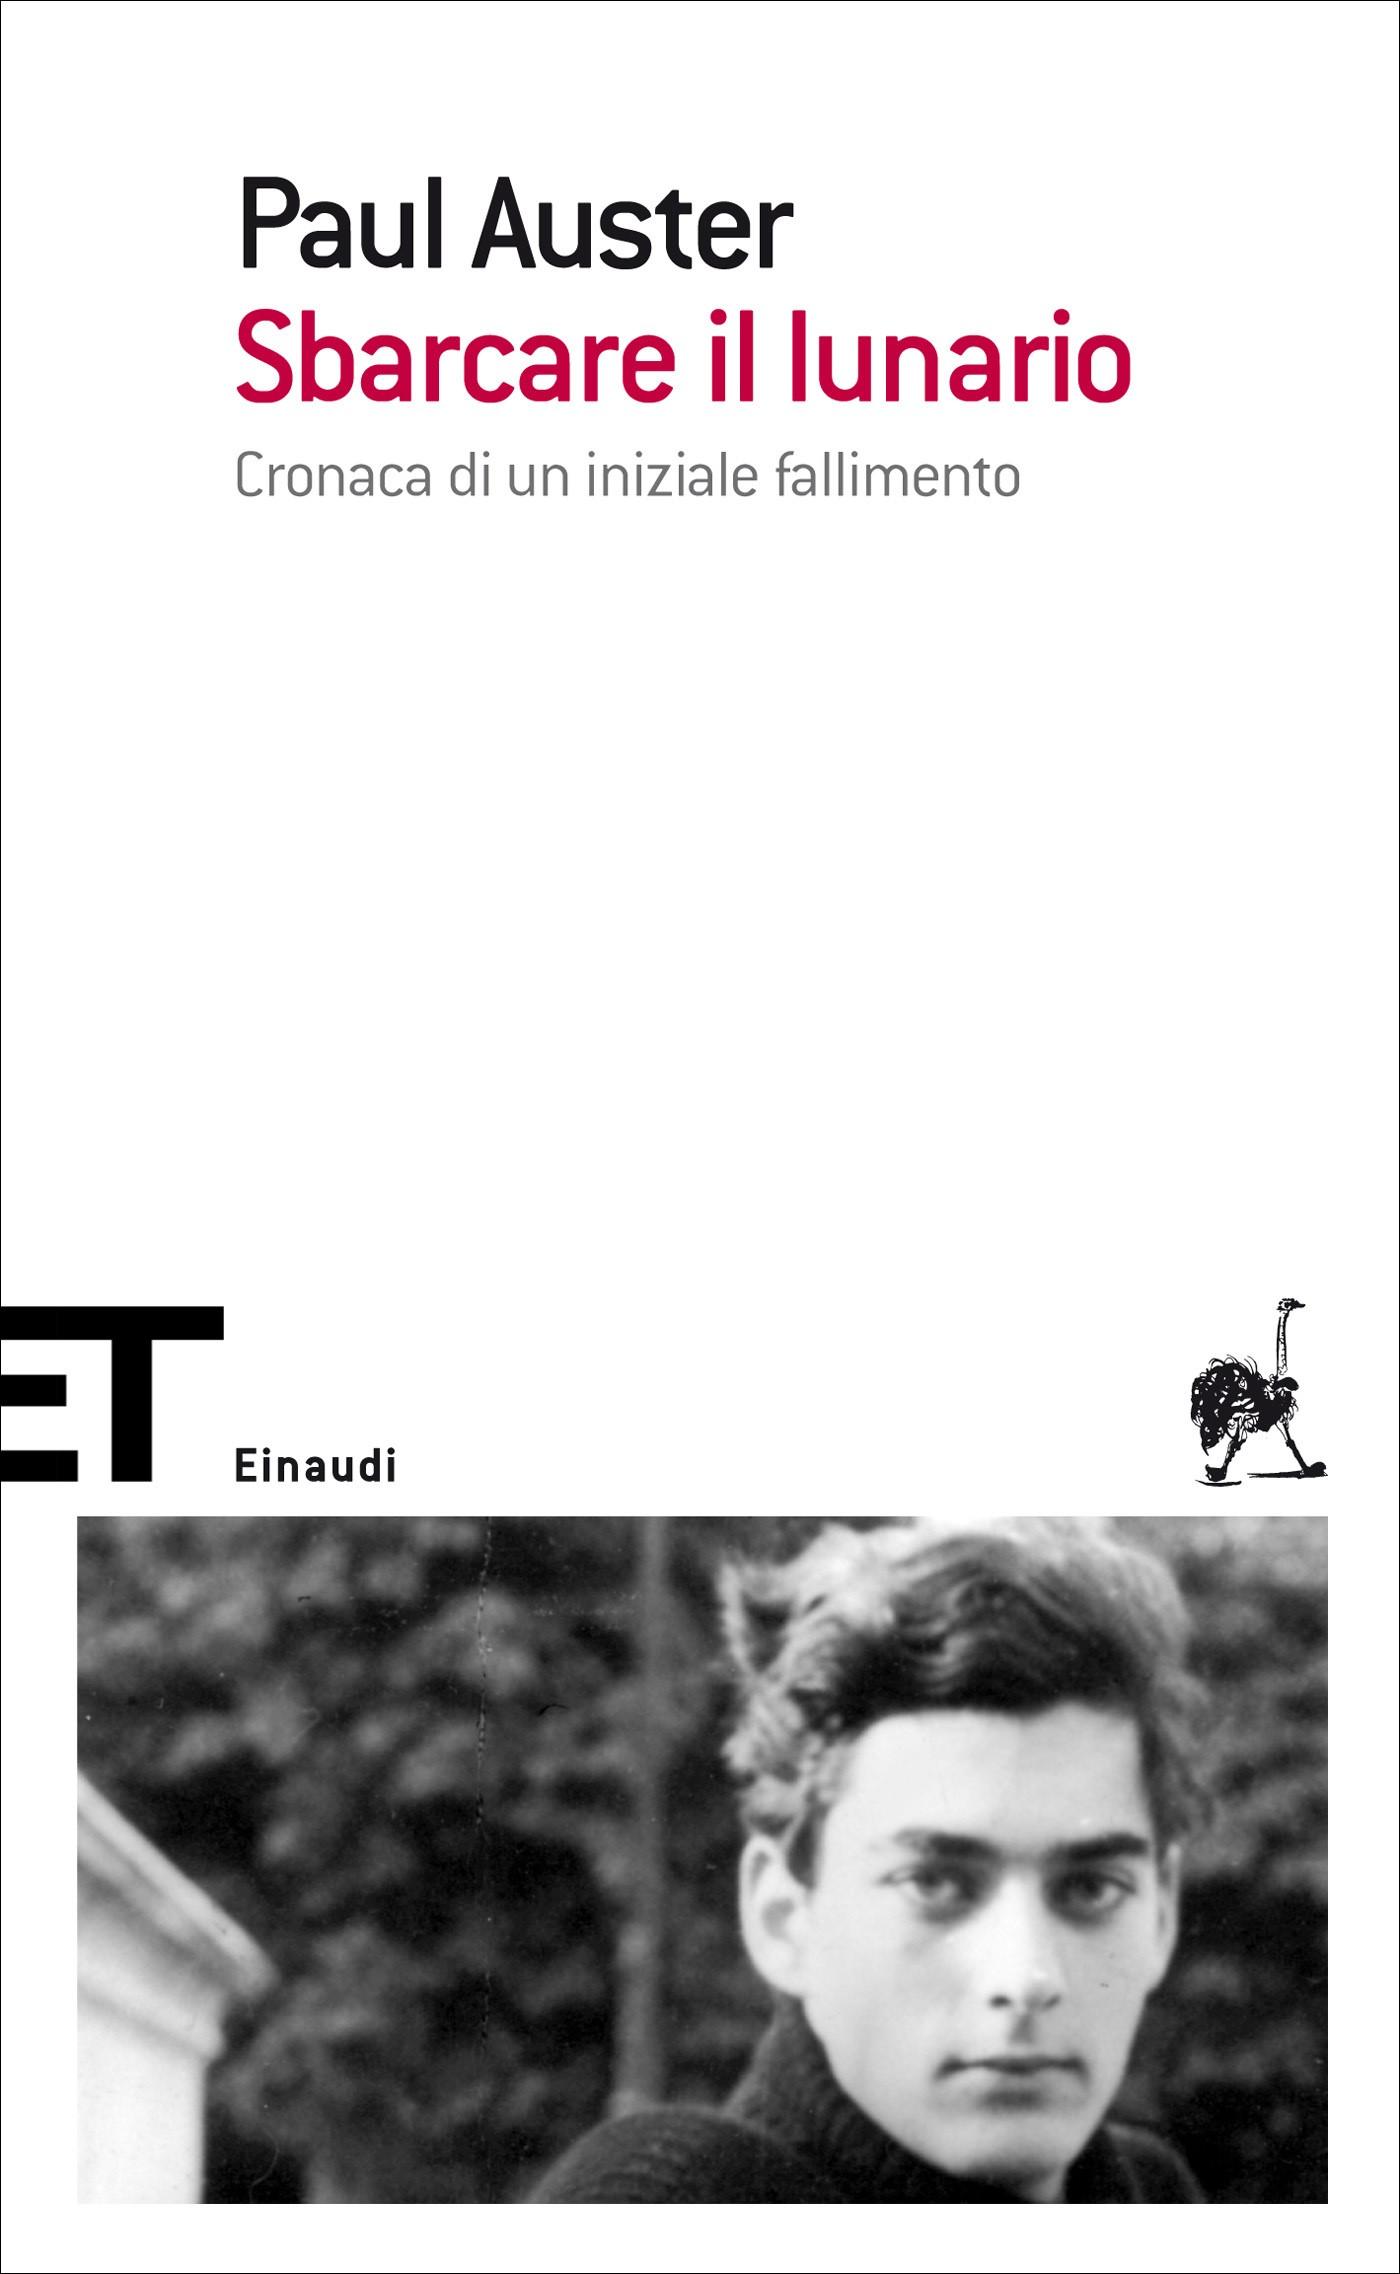 Paul Auster – Sbarcare il Lunario